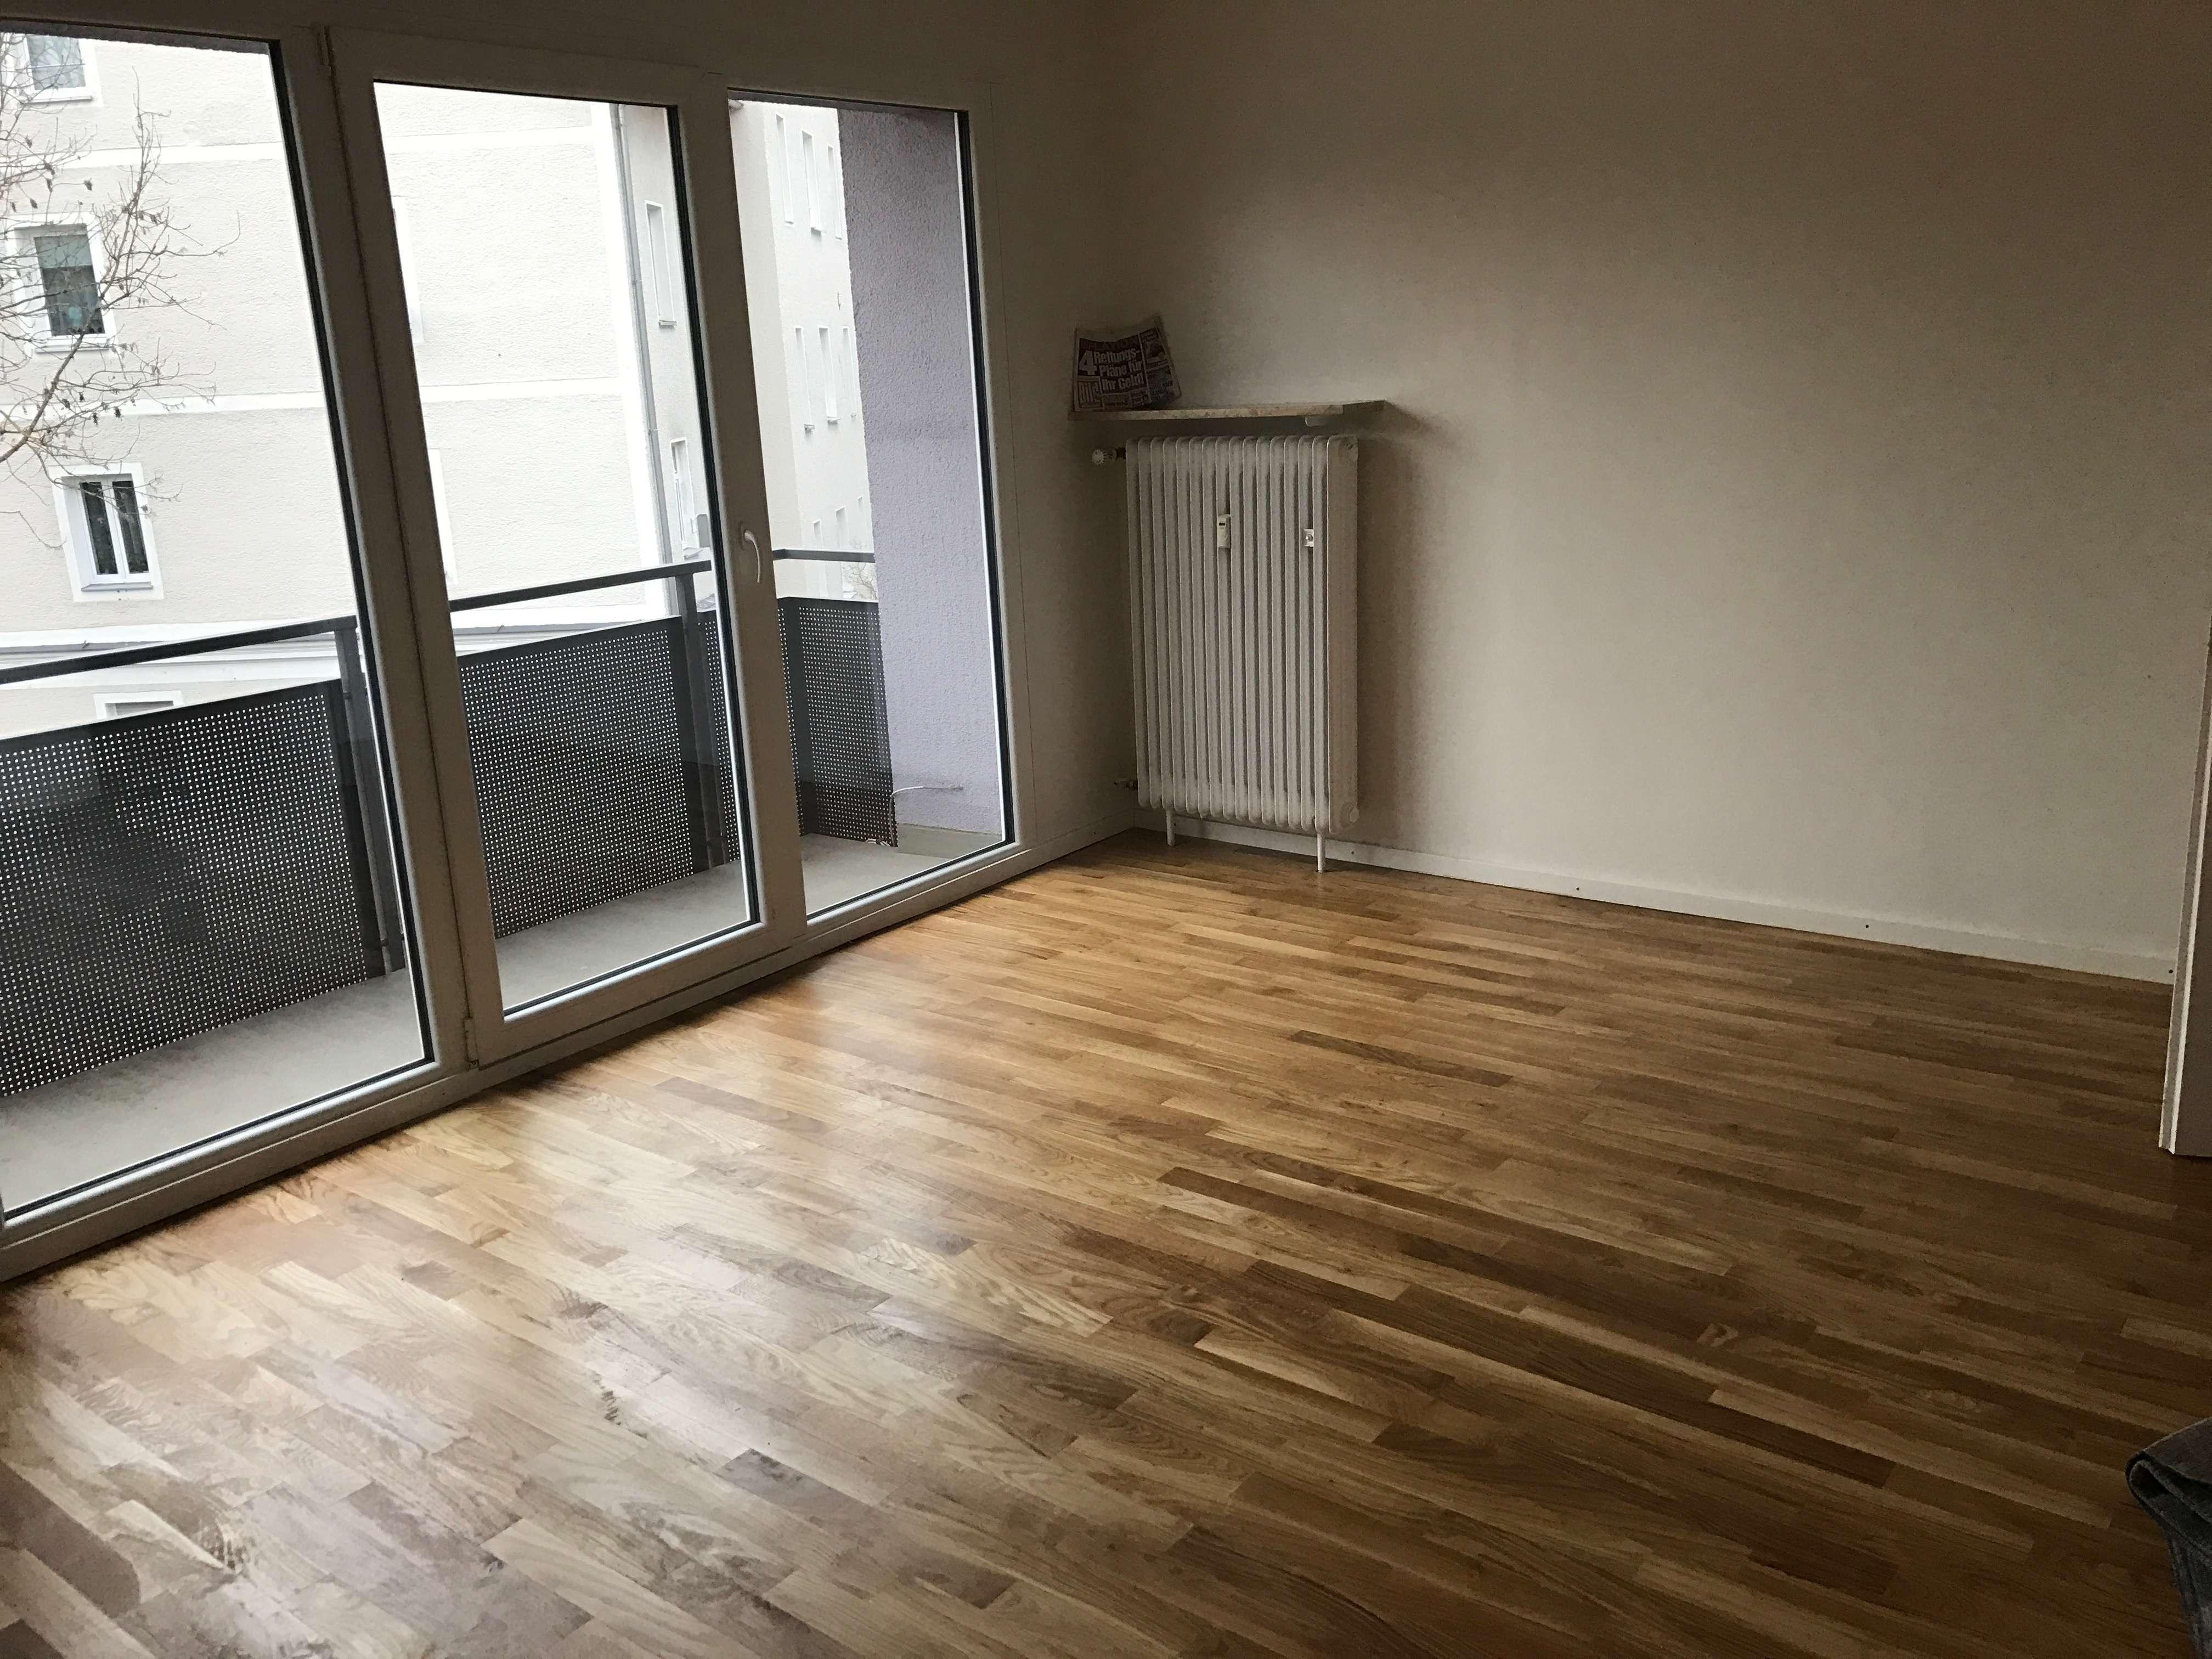 Schöne, ruhige 2,5-Zimmer Wohnung mit Balkon in Pasing in Pasing (München)